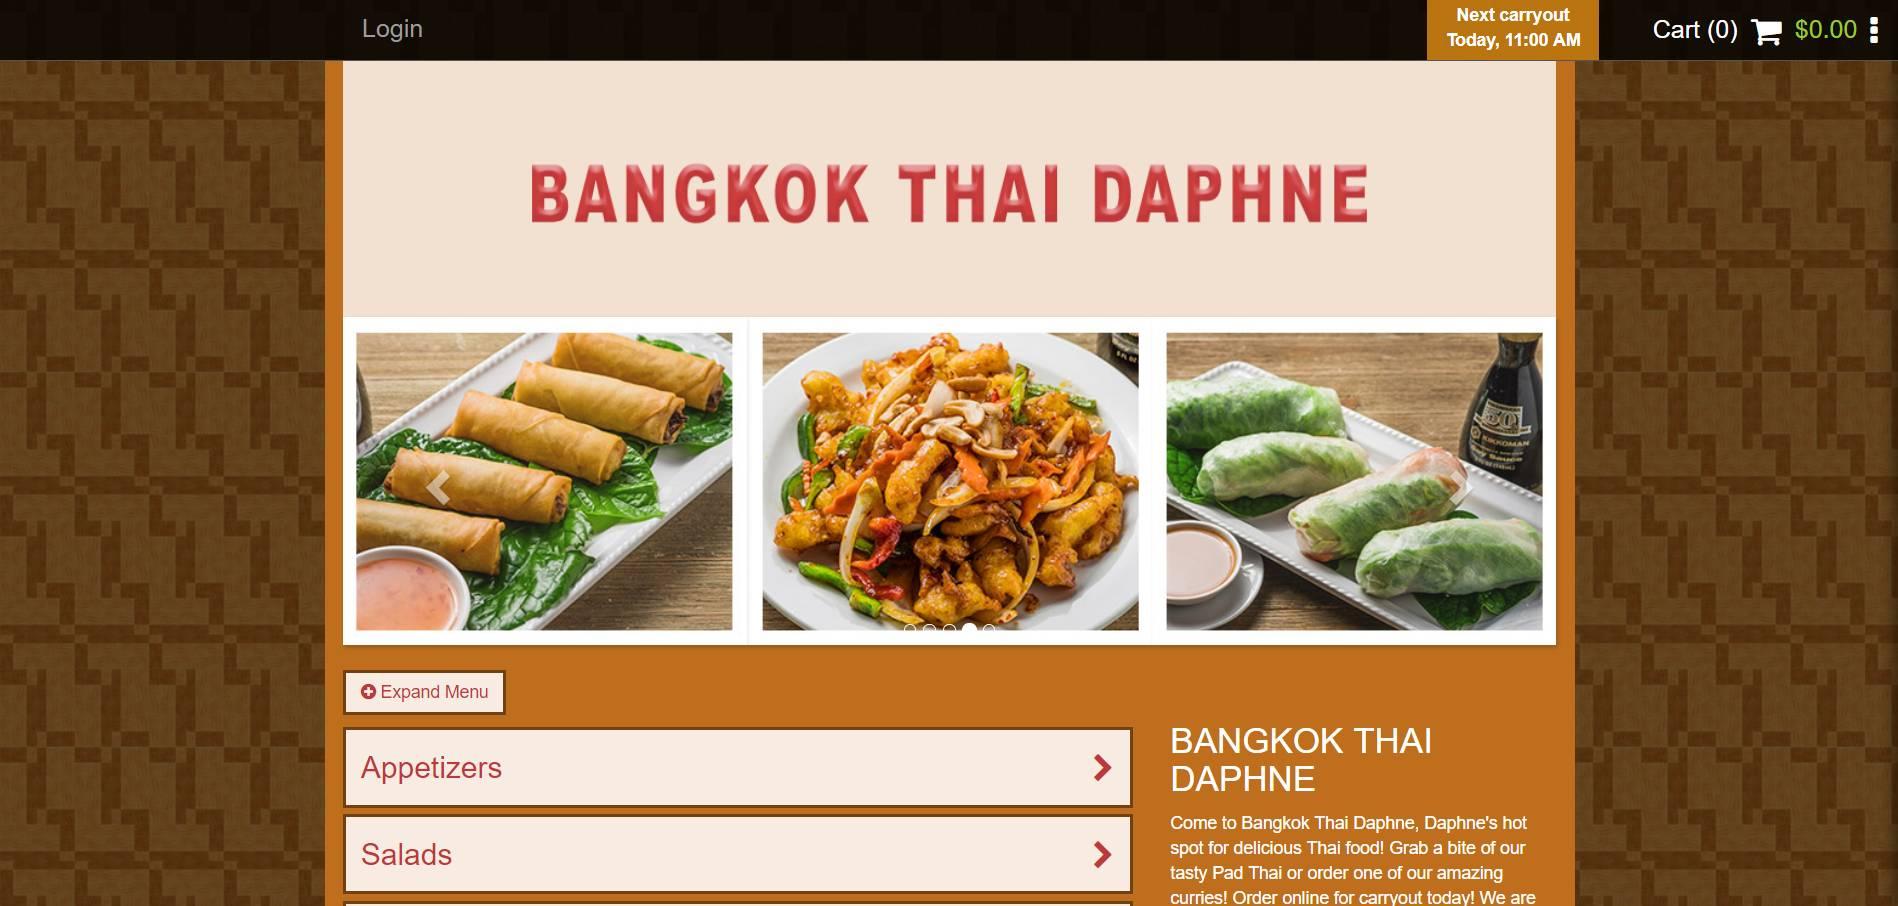 Bangkok Thai Daphne